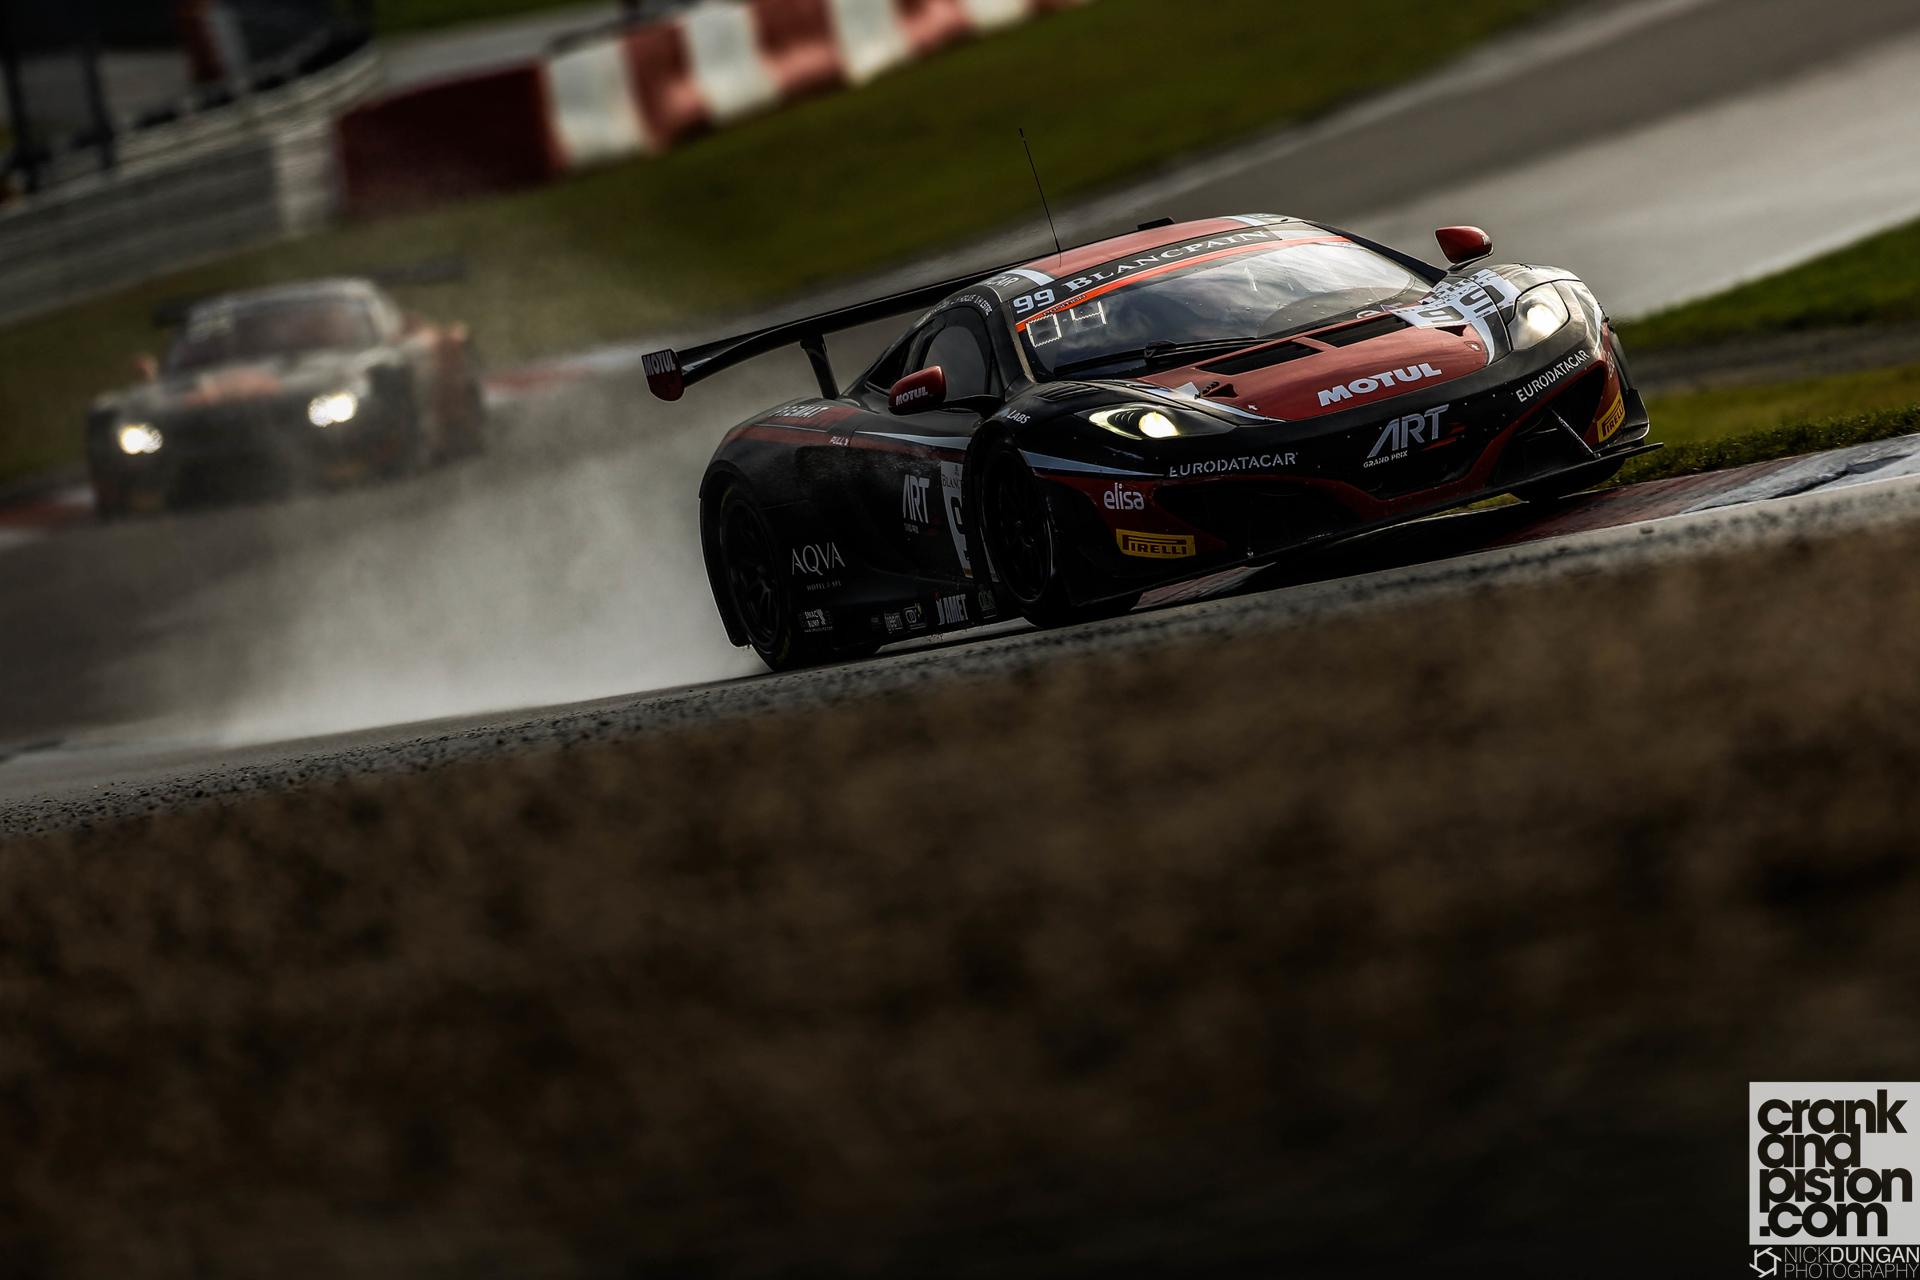 Alexandre Premat, Gregoire Demoustier, Alvaro Parente|ART Grand Prix|McLaren MP4-12C - Blancpain i-Racing N¸rburgring 1000 at N¸rburgring -  - Germany